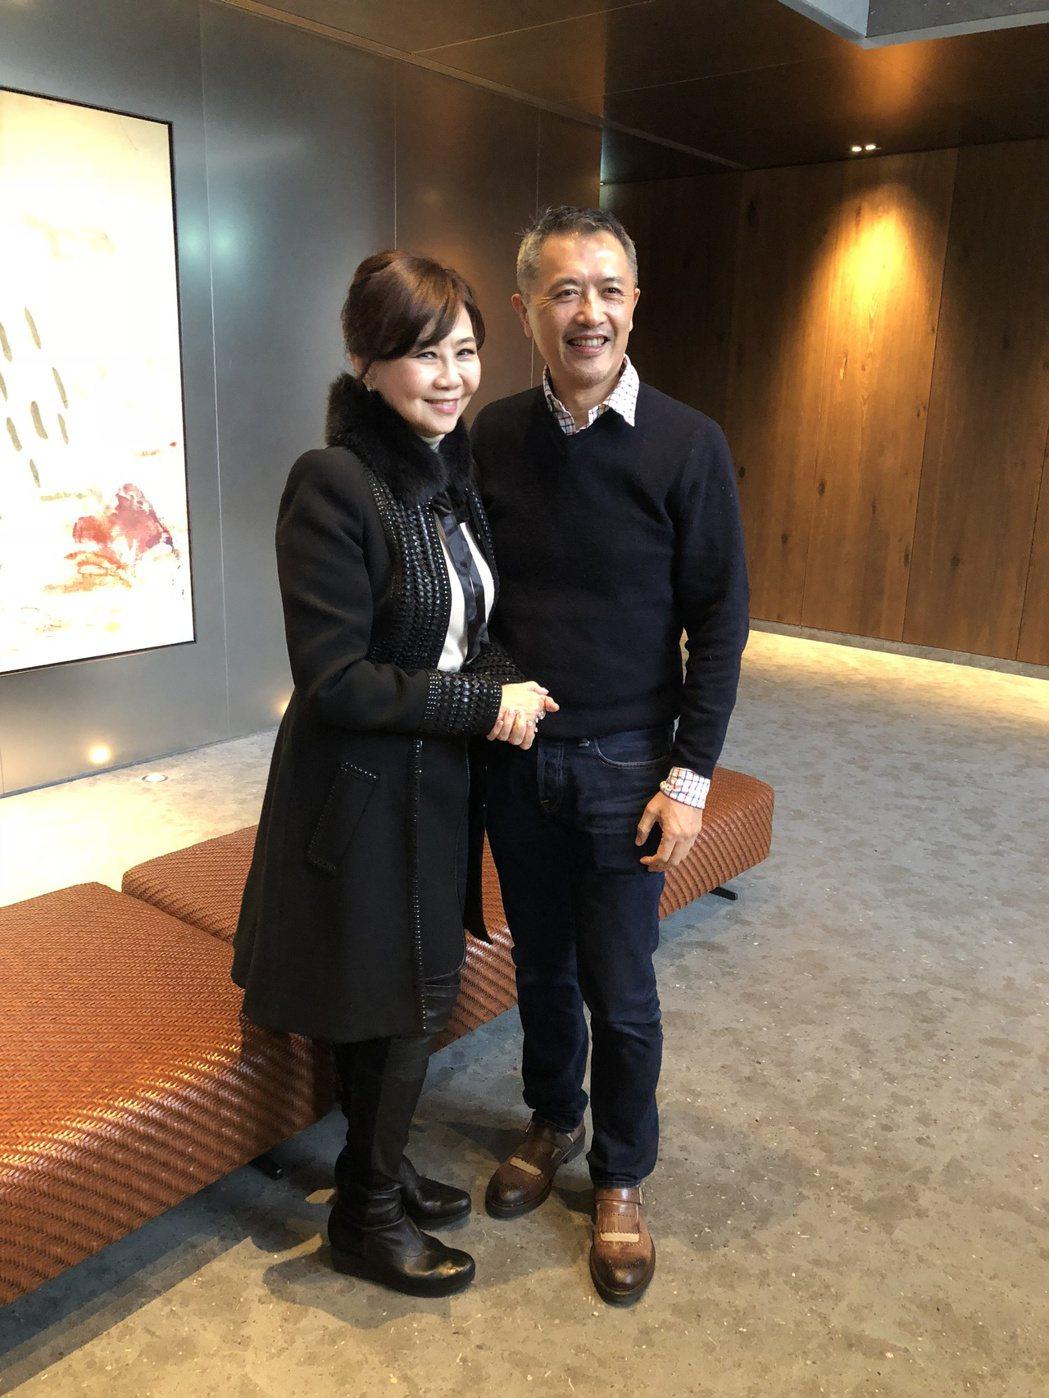 由鉅建設董事長林嘉琪(左)與亞洲傑出設計大師陳瑞憲(右)。記者宋健生/攝影